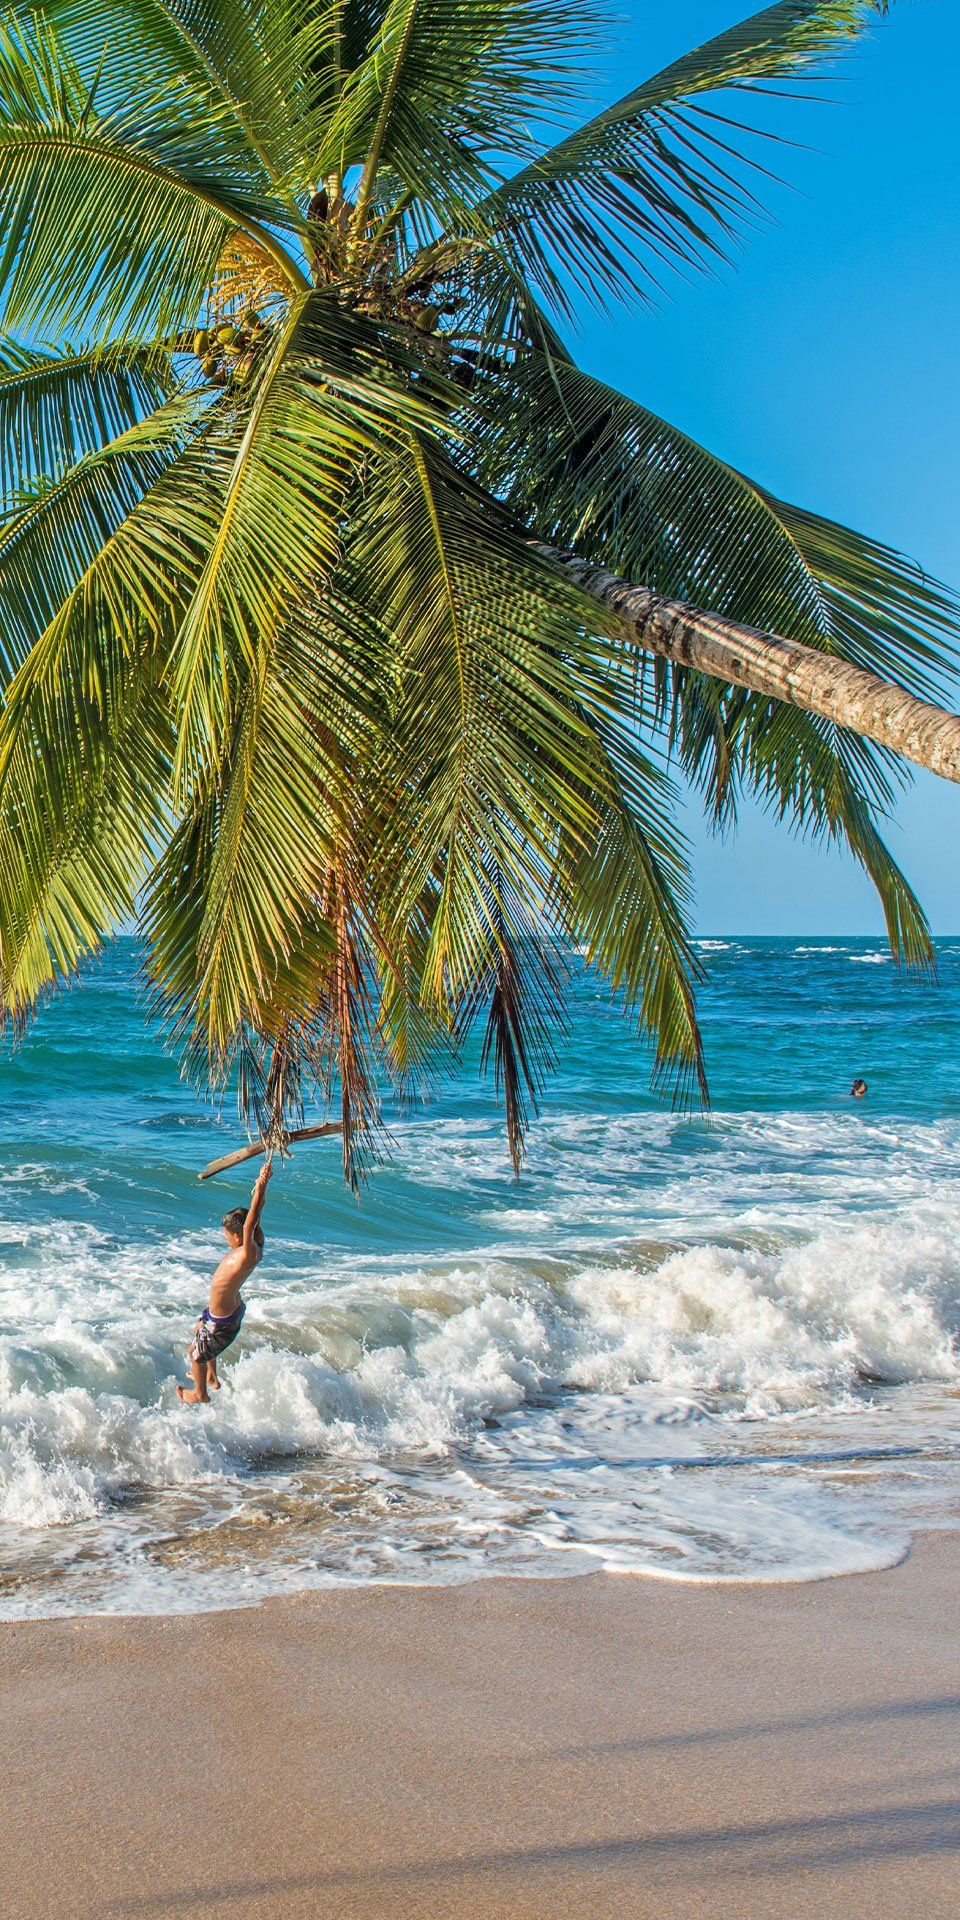 Roatan Honduras Honduras Has A Vast Blend Of Cultures Including Influence From Hondurans From The Mainland Ex Pats Descenda Urlaub Landschaft Urlaubsorte